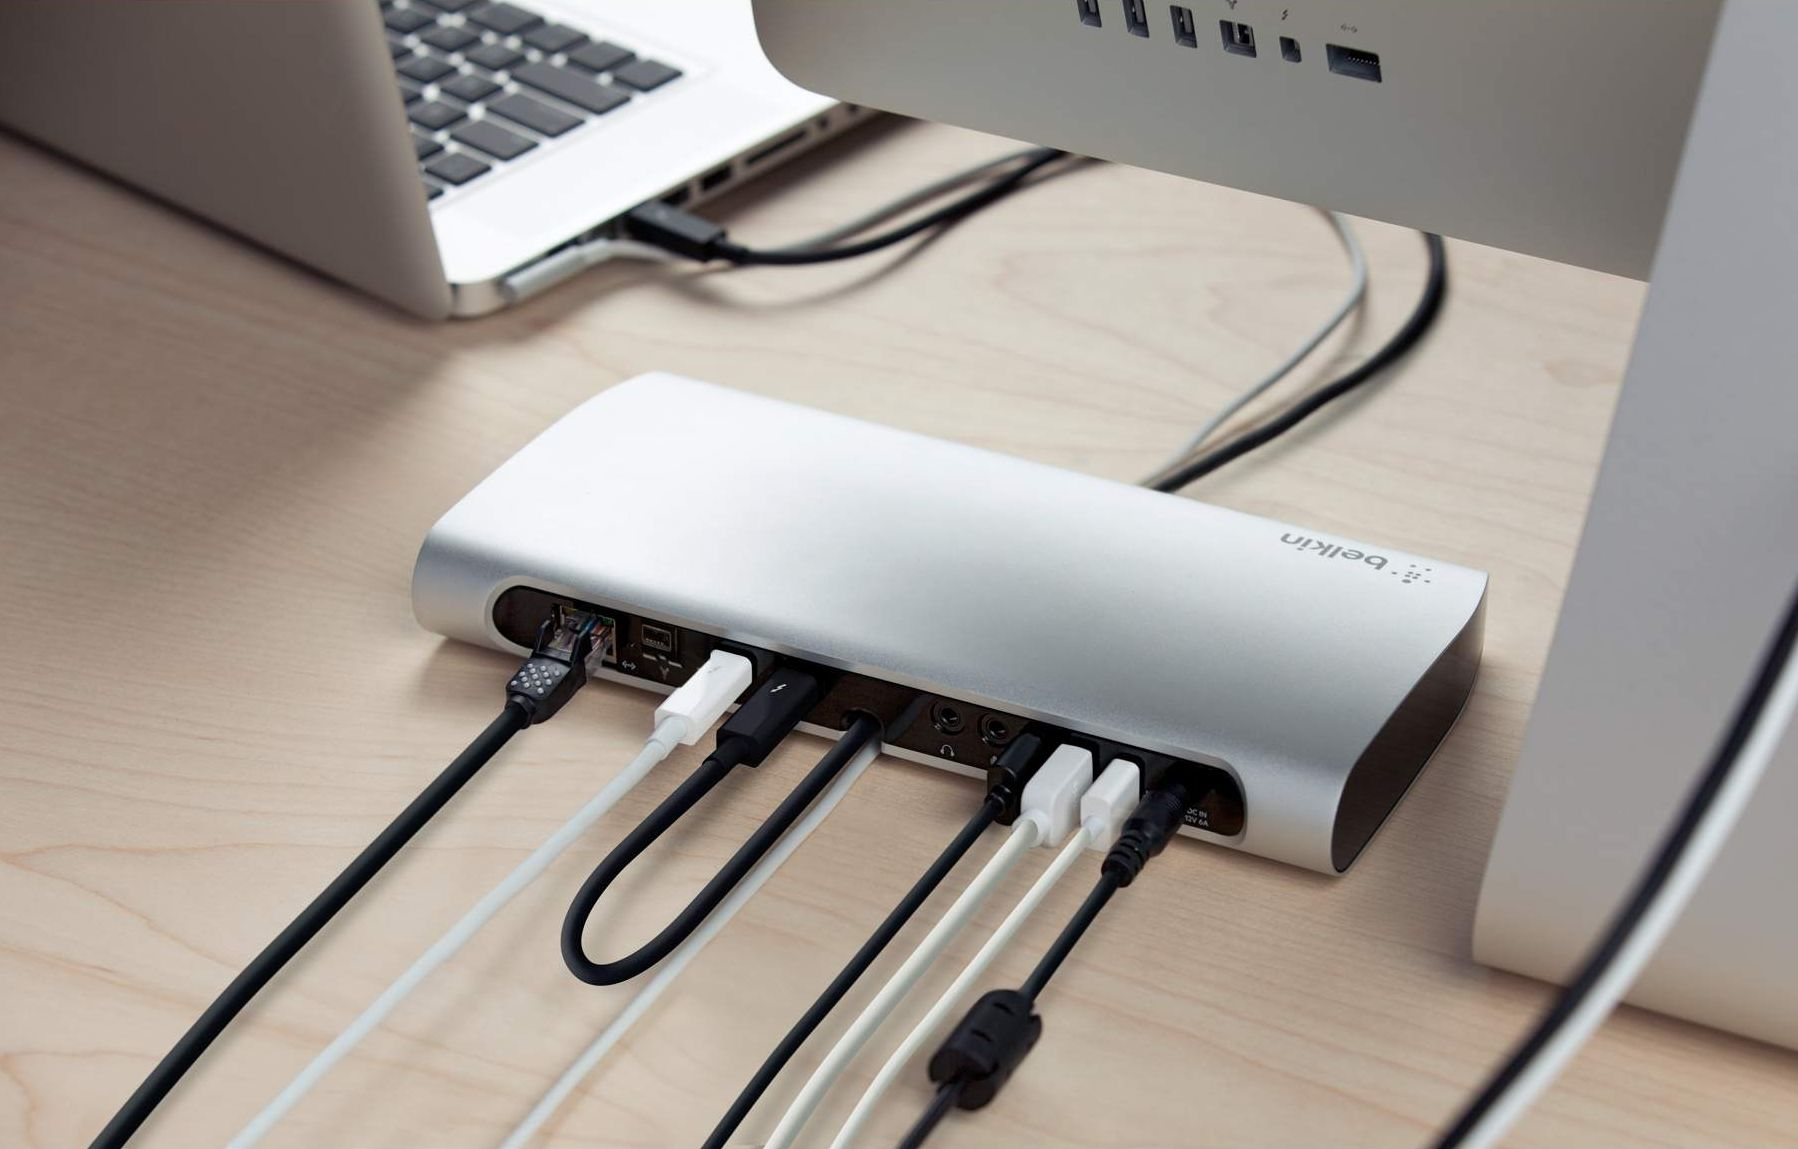 Новому MacBook нужен хороший док, а не дополнительные порты